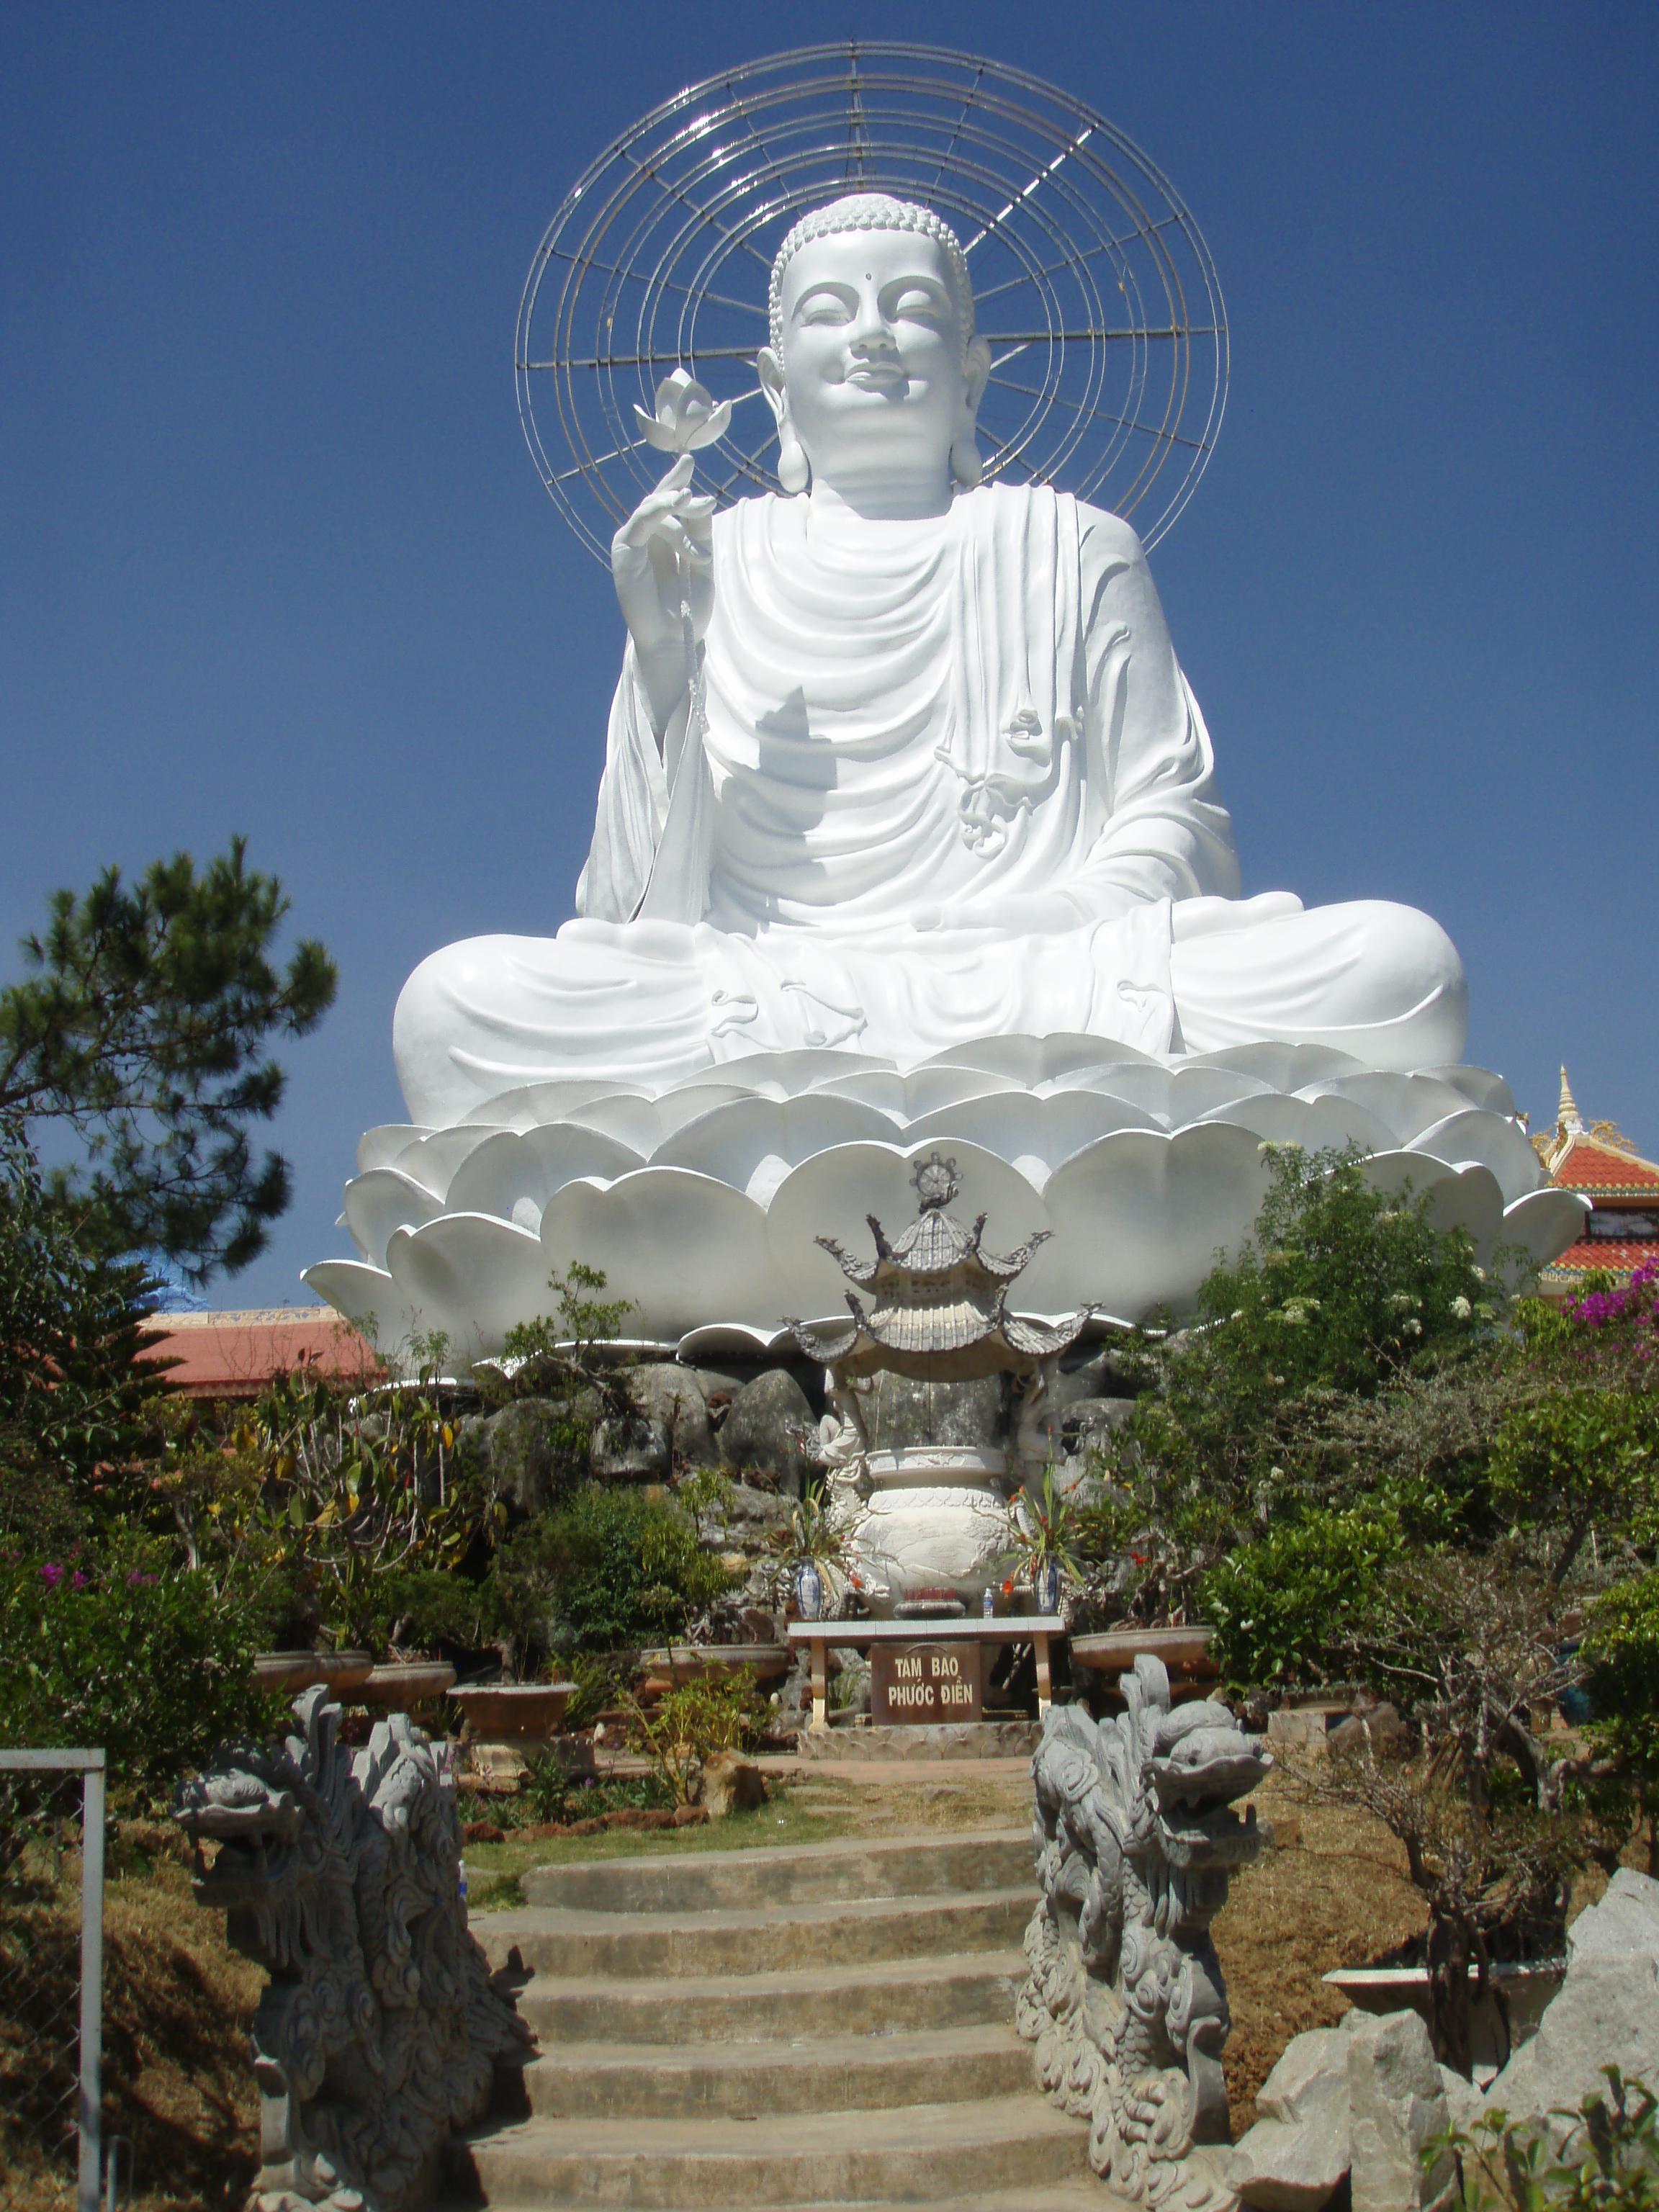 https://upload.wikimedia.org/wikipedia/commons/9/9b/Buddha_Statue_in_Vietnam.jpg